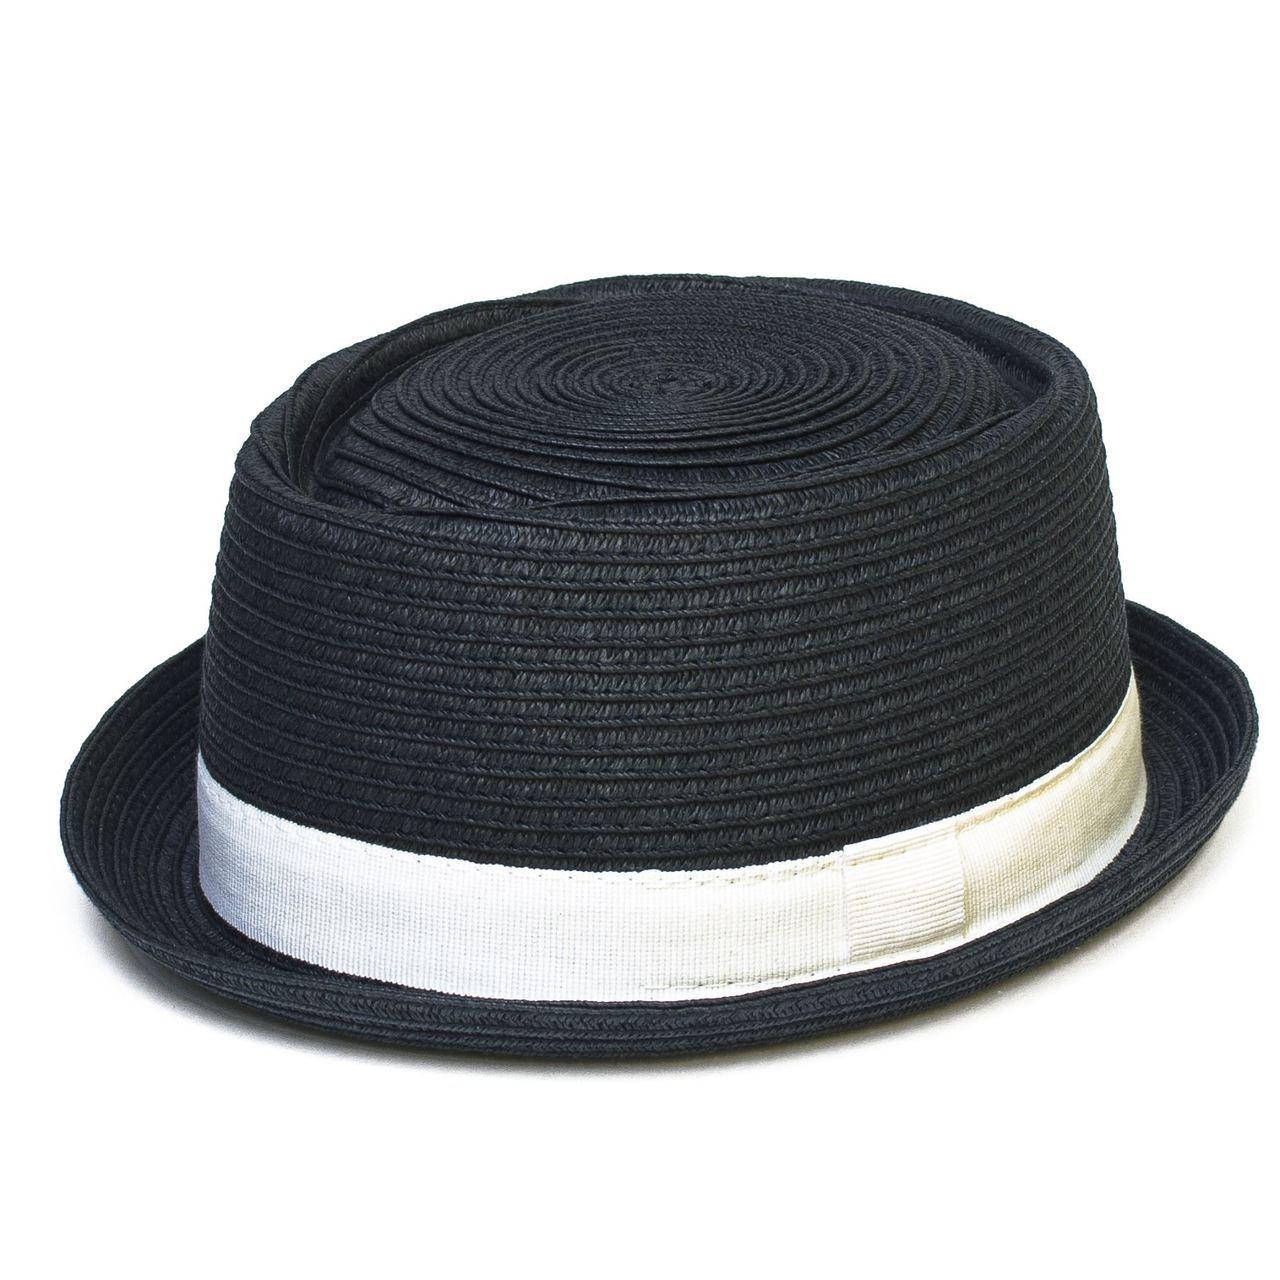 Letní klobouk barva černá Assante 161244